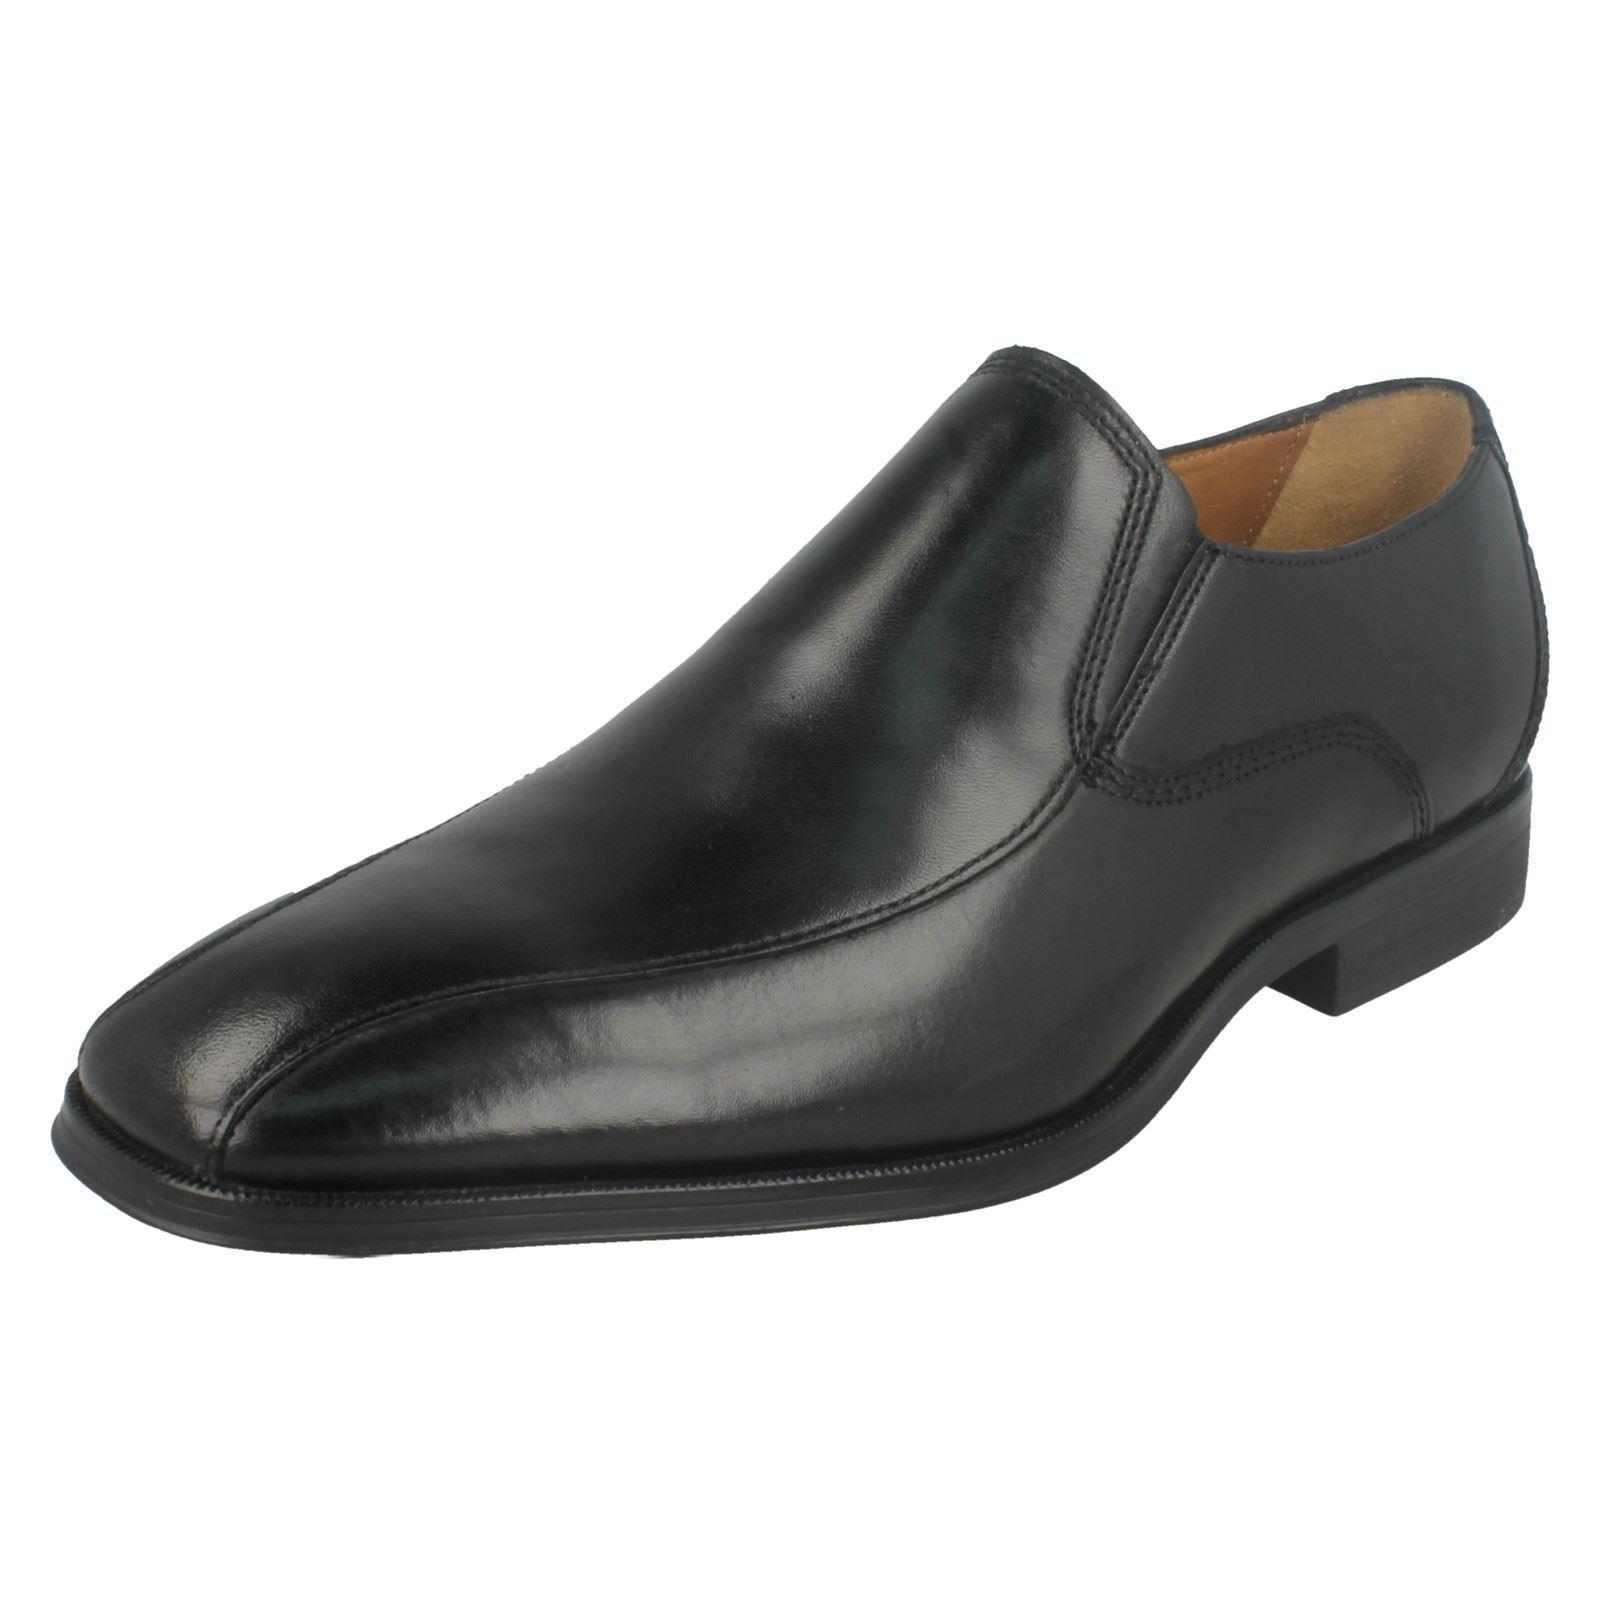 Herren Clarks Gilman Slipper Schwarzes Leder Elegant Slip On Schuhe G Passform